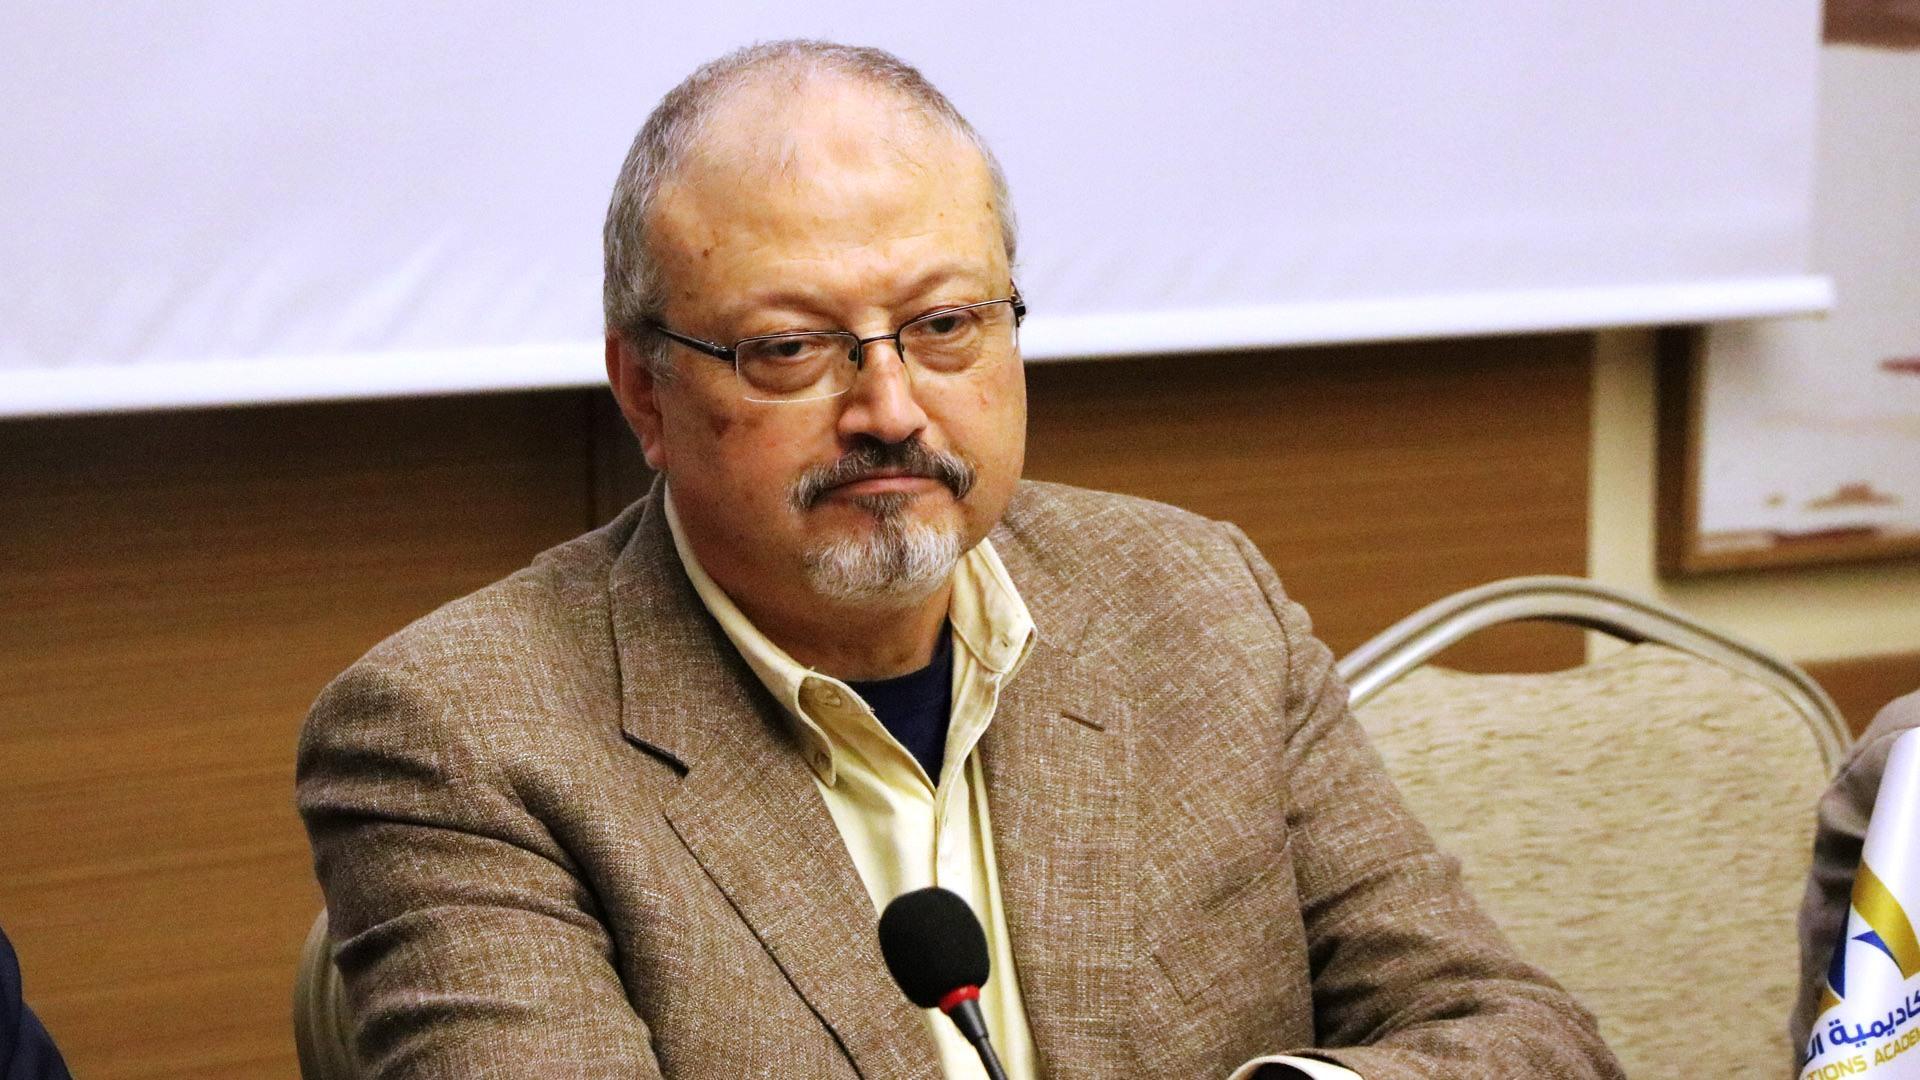 الكاتب الصحفي السعودي جمال خاشقجي